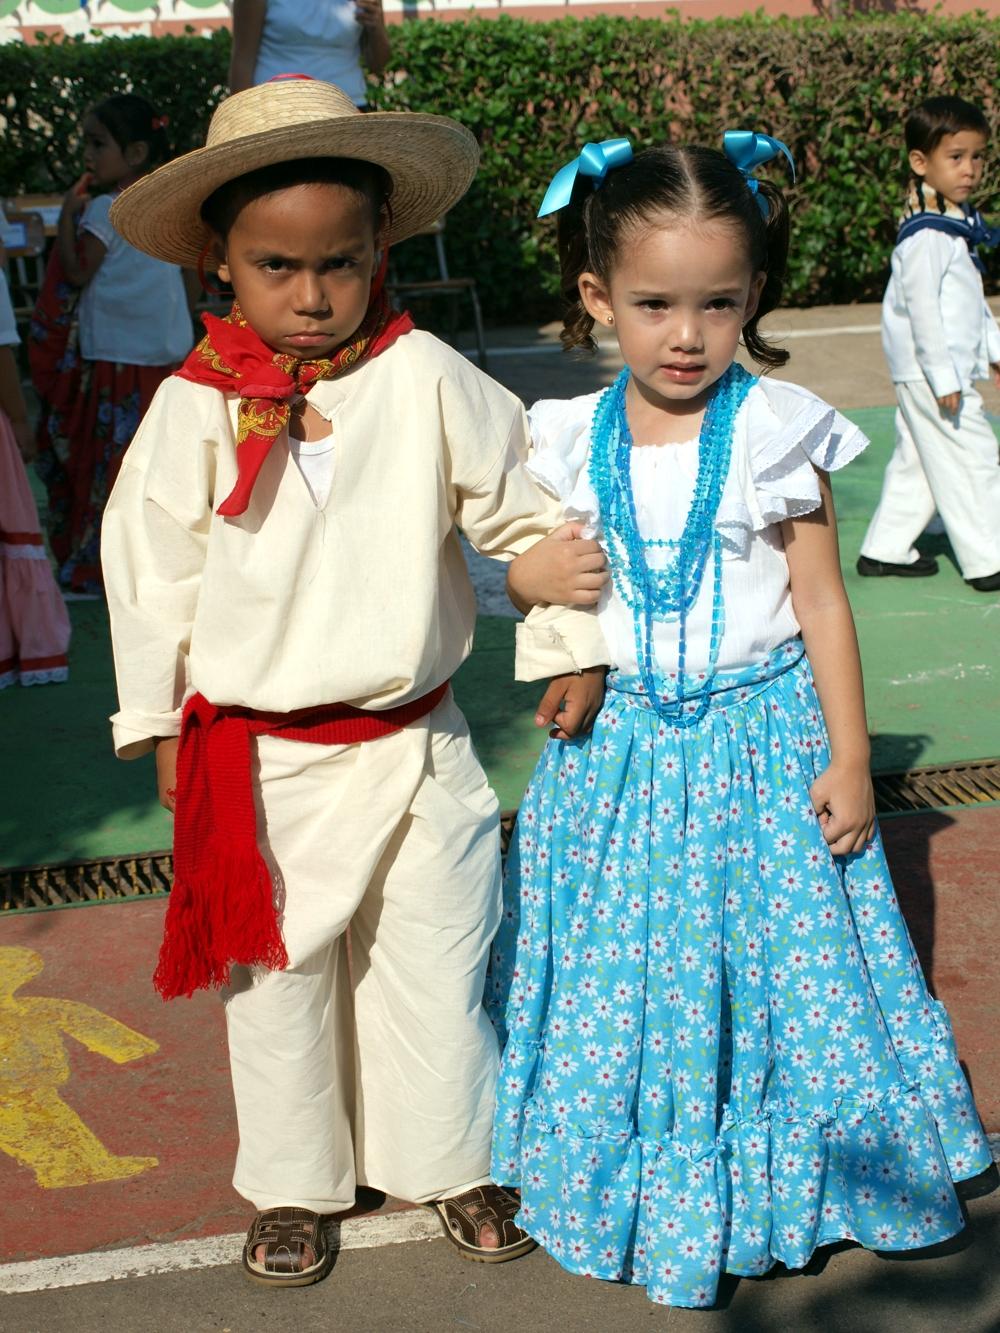 Pedro y Victoria despues de bailar